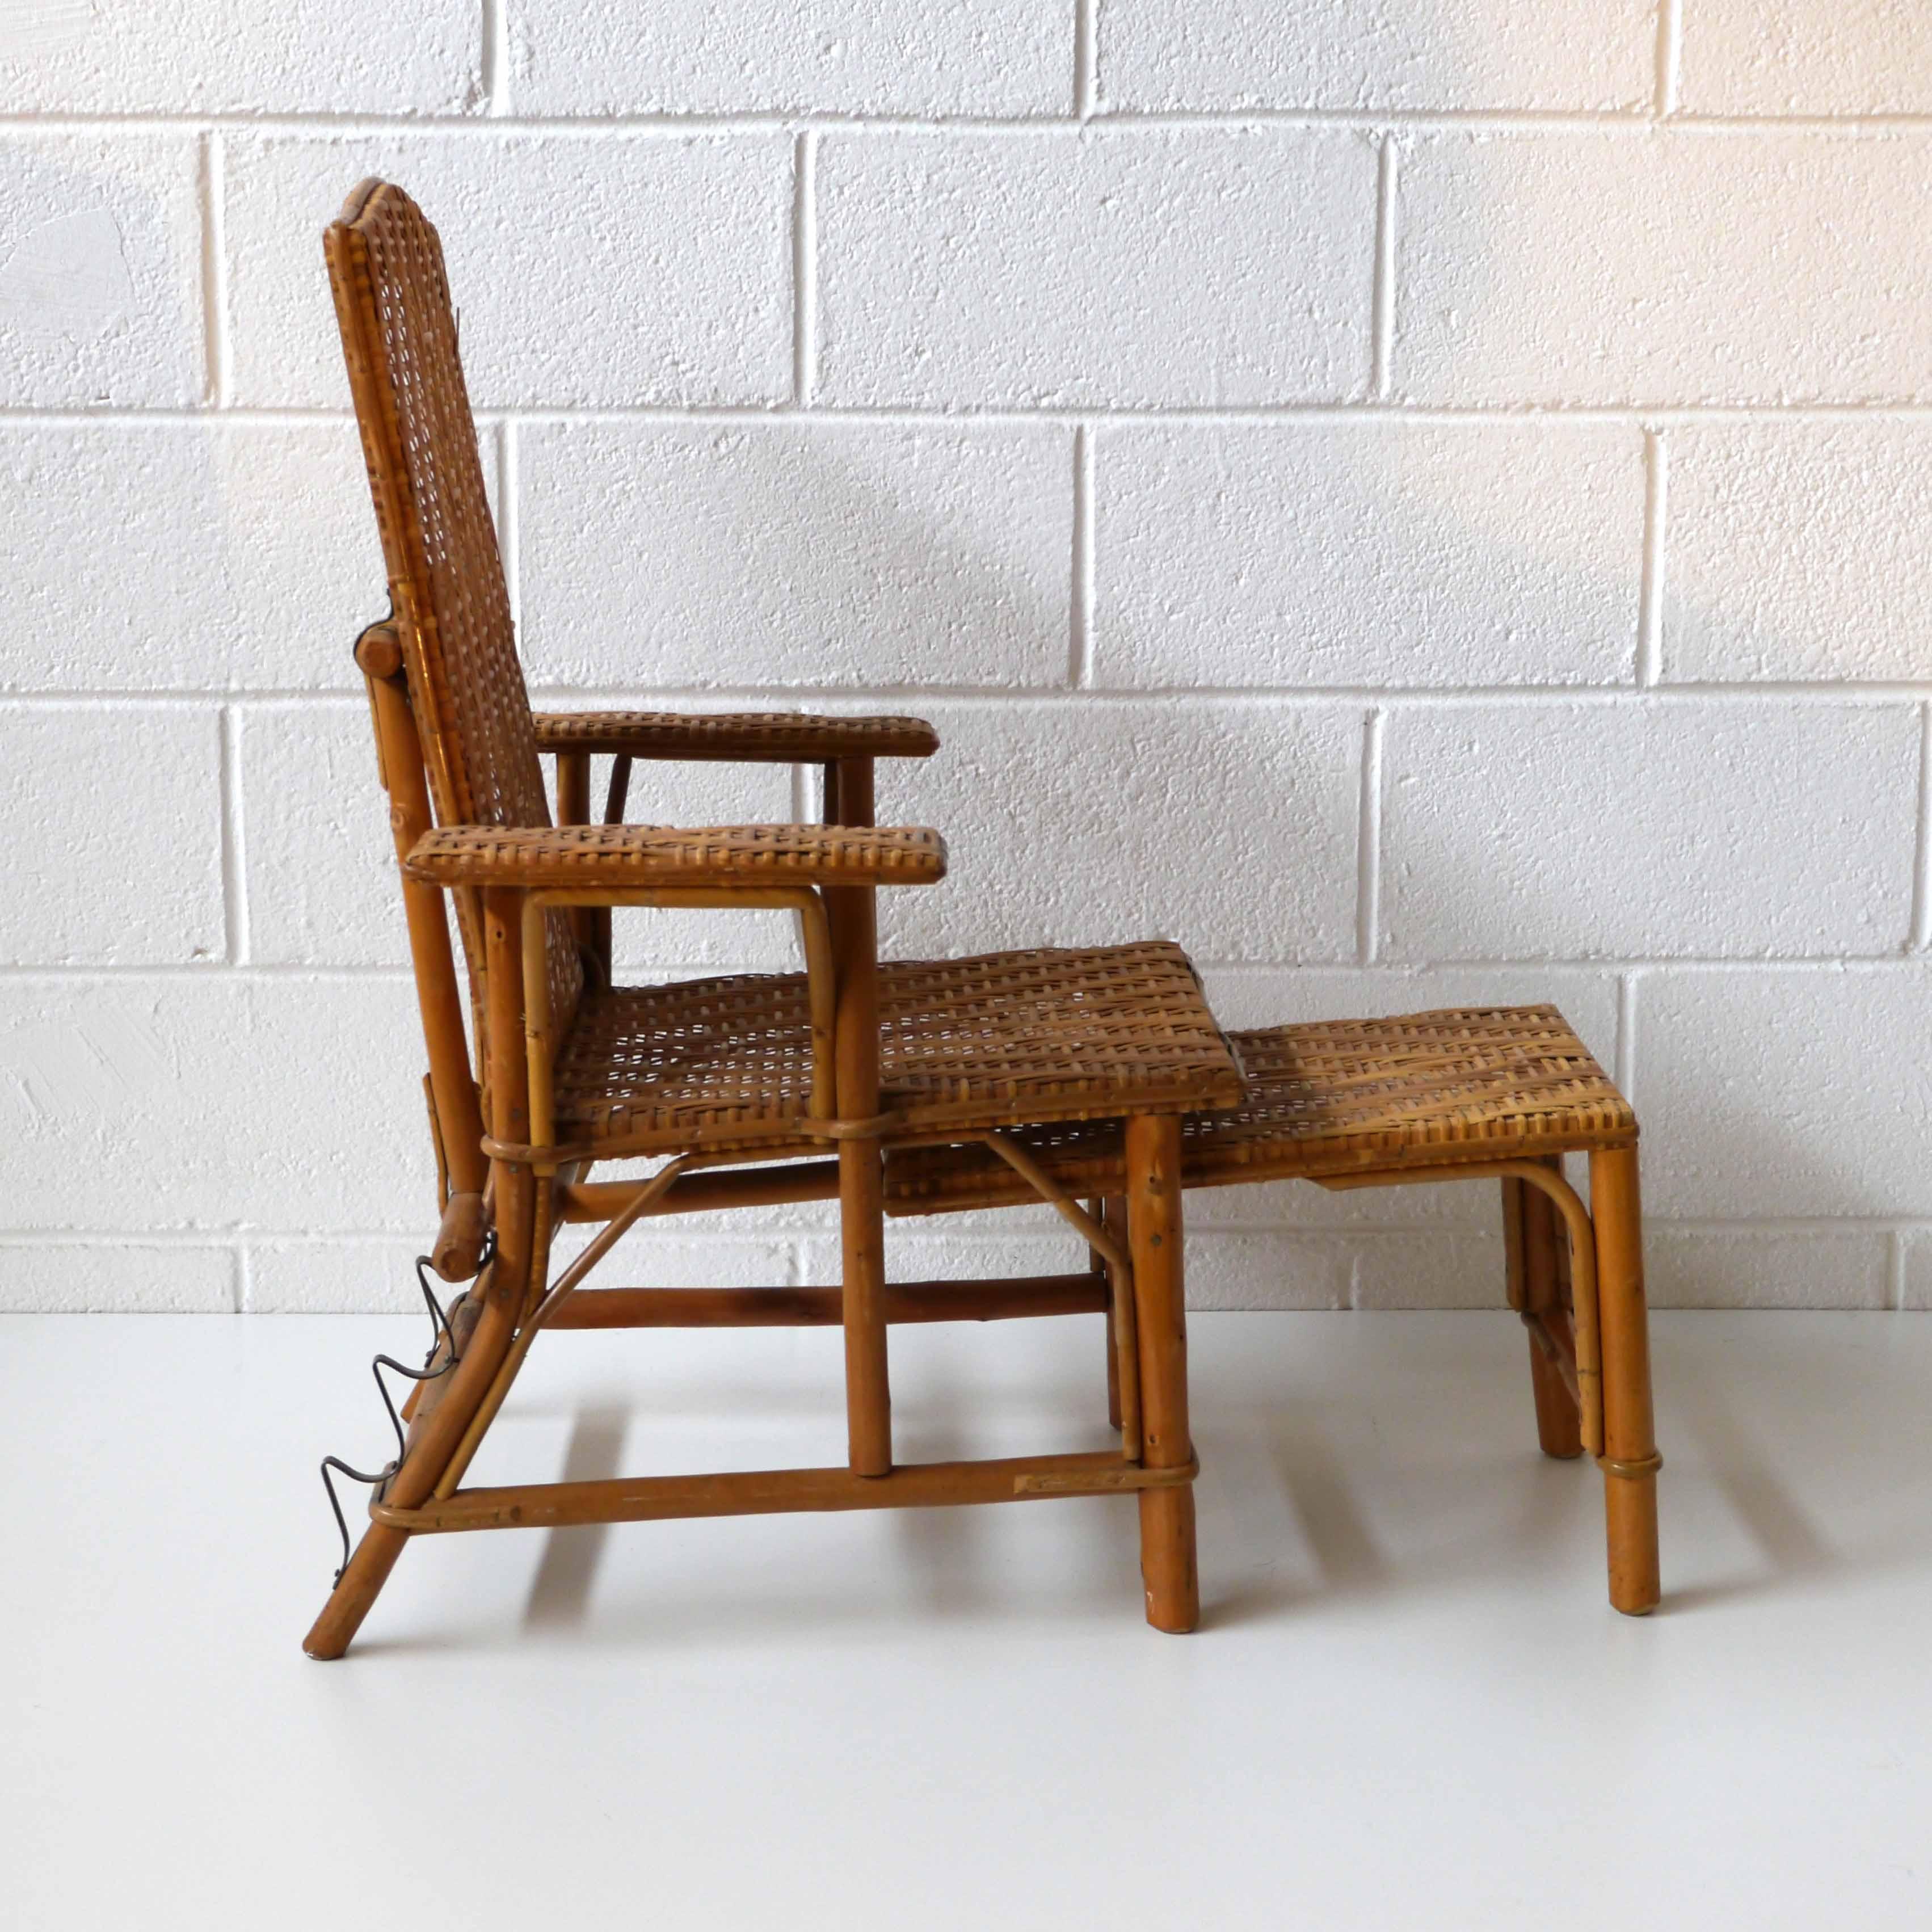 transat enfant rotin vintage la marelle mobilier vintage pour enfant. Black Bedroom Furniture Sets. Home Design Ideas